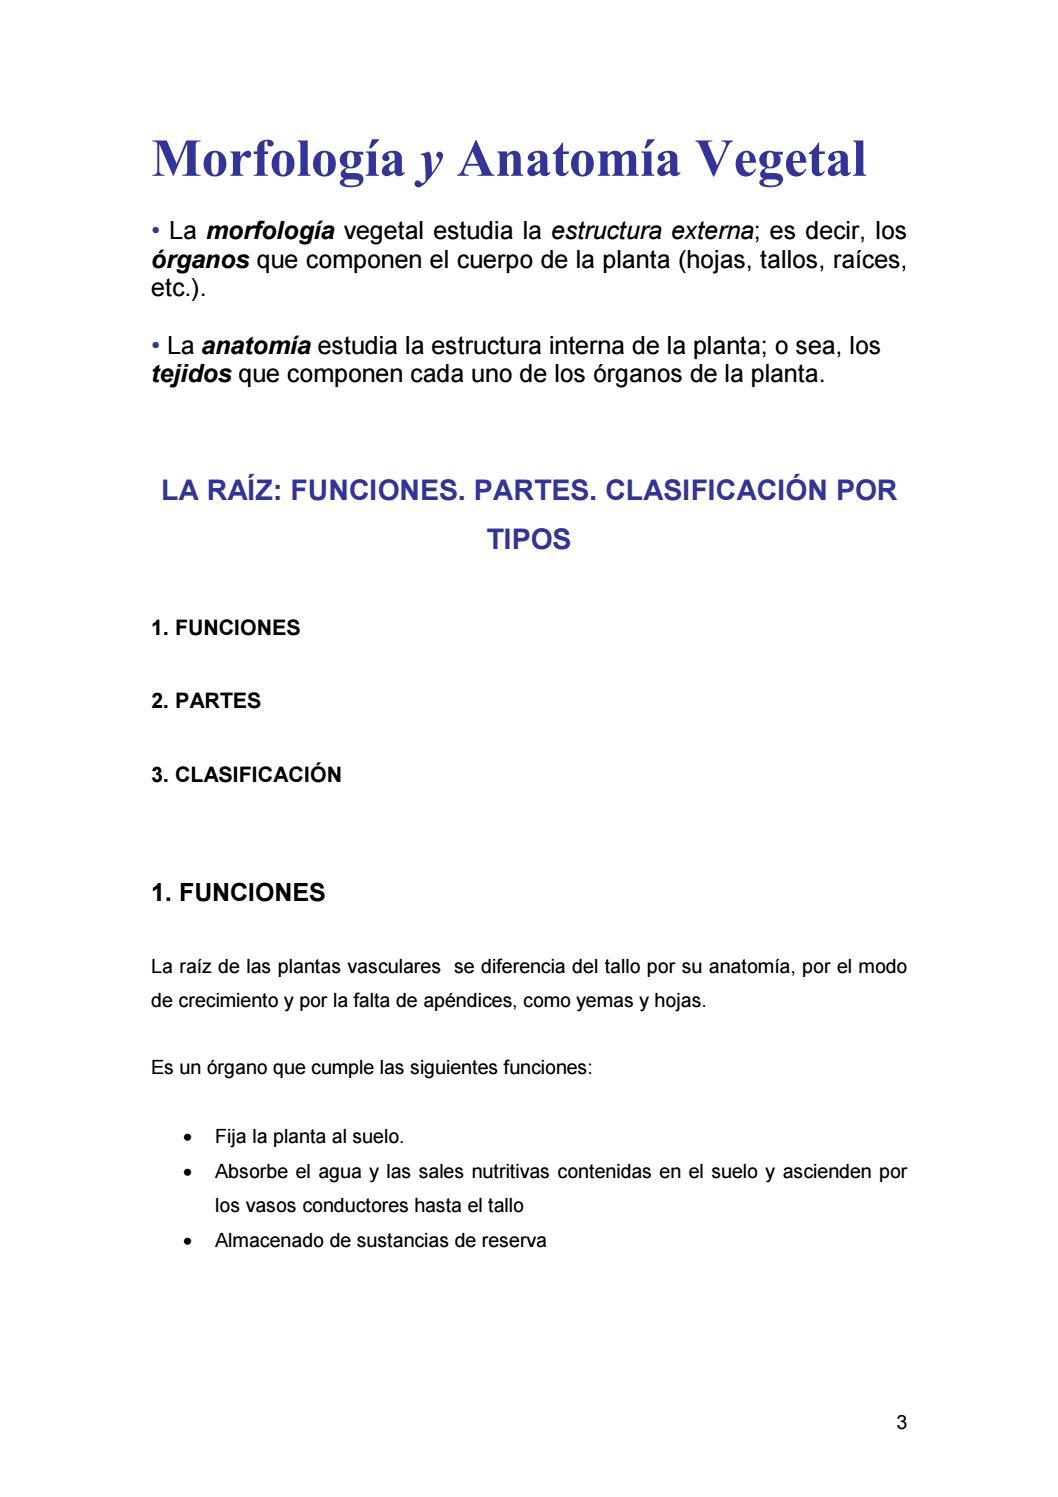 morfologia vegetal by Tatiana Tipanquiza - issuu